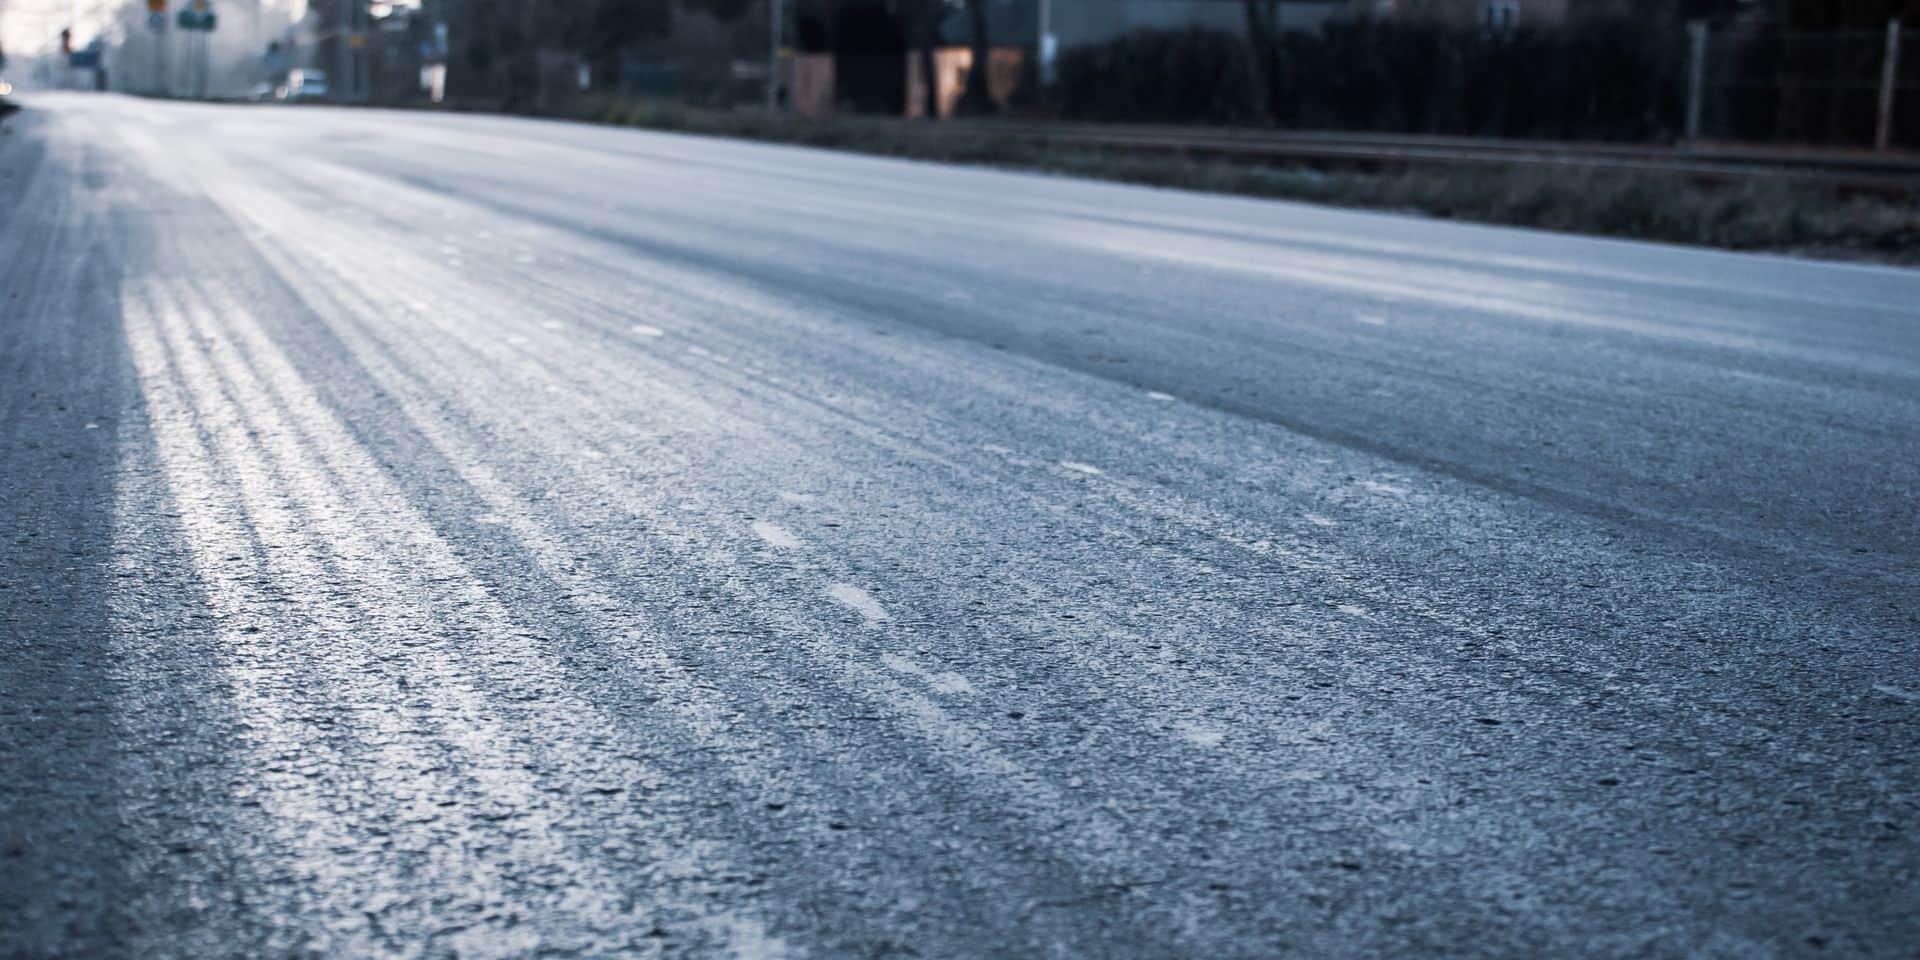 L'IRM lance une alerte jaune sur tout le pays : une nuit froide est attendue avec un risque de plaques de glace ou de givre